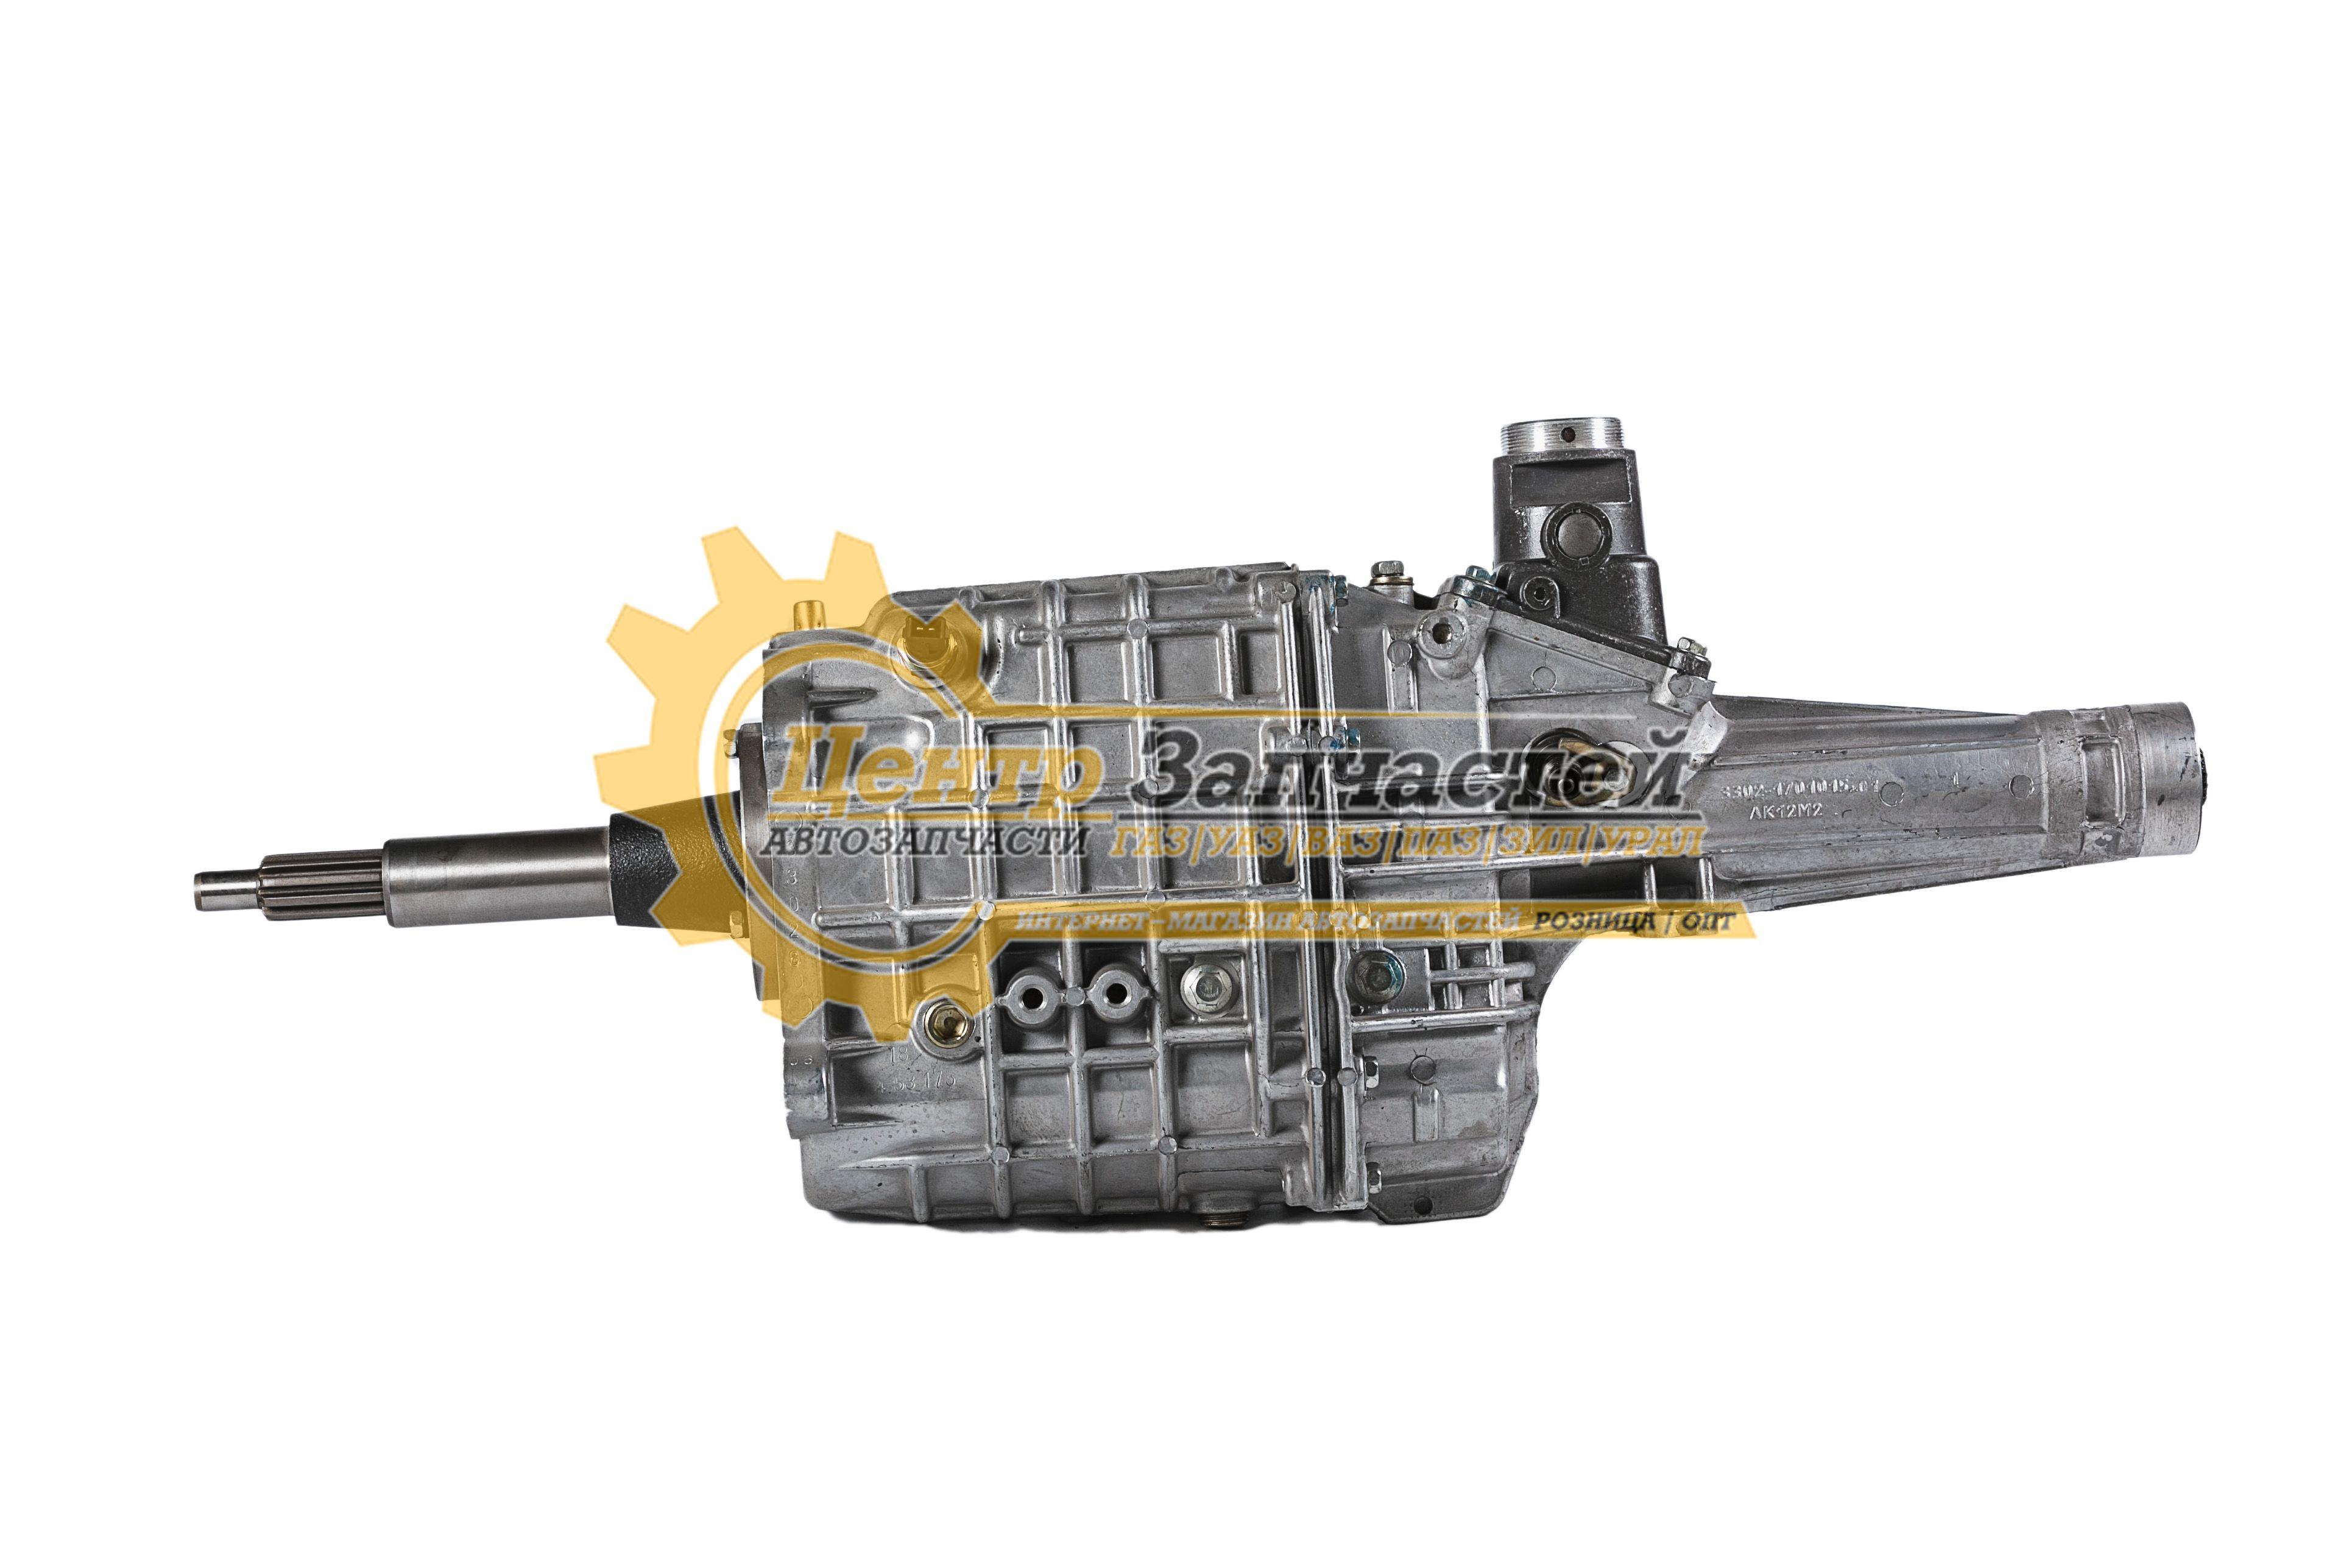 Кпп Газель Next усиленная  двигатель Cummins ISF 2.8 3302-1700010-60 .